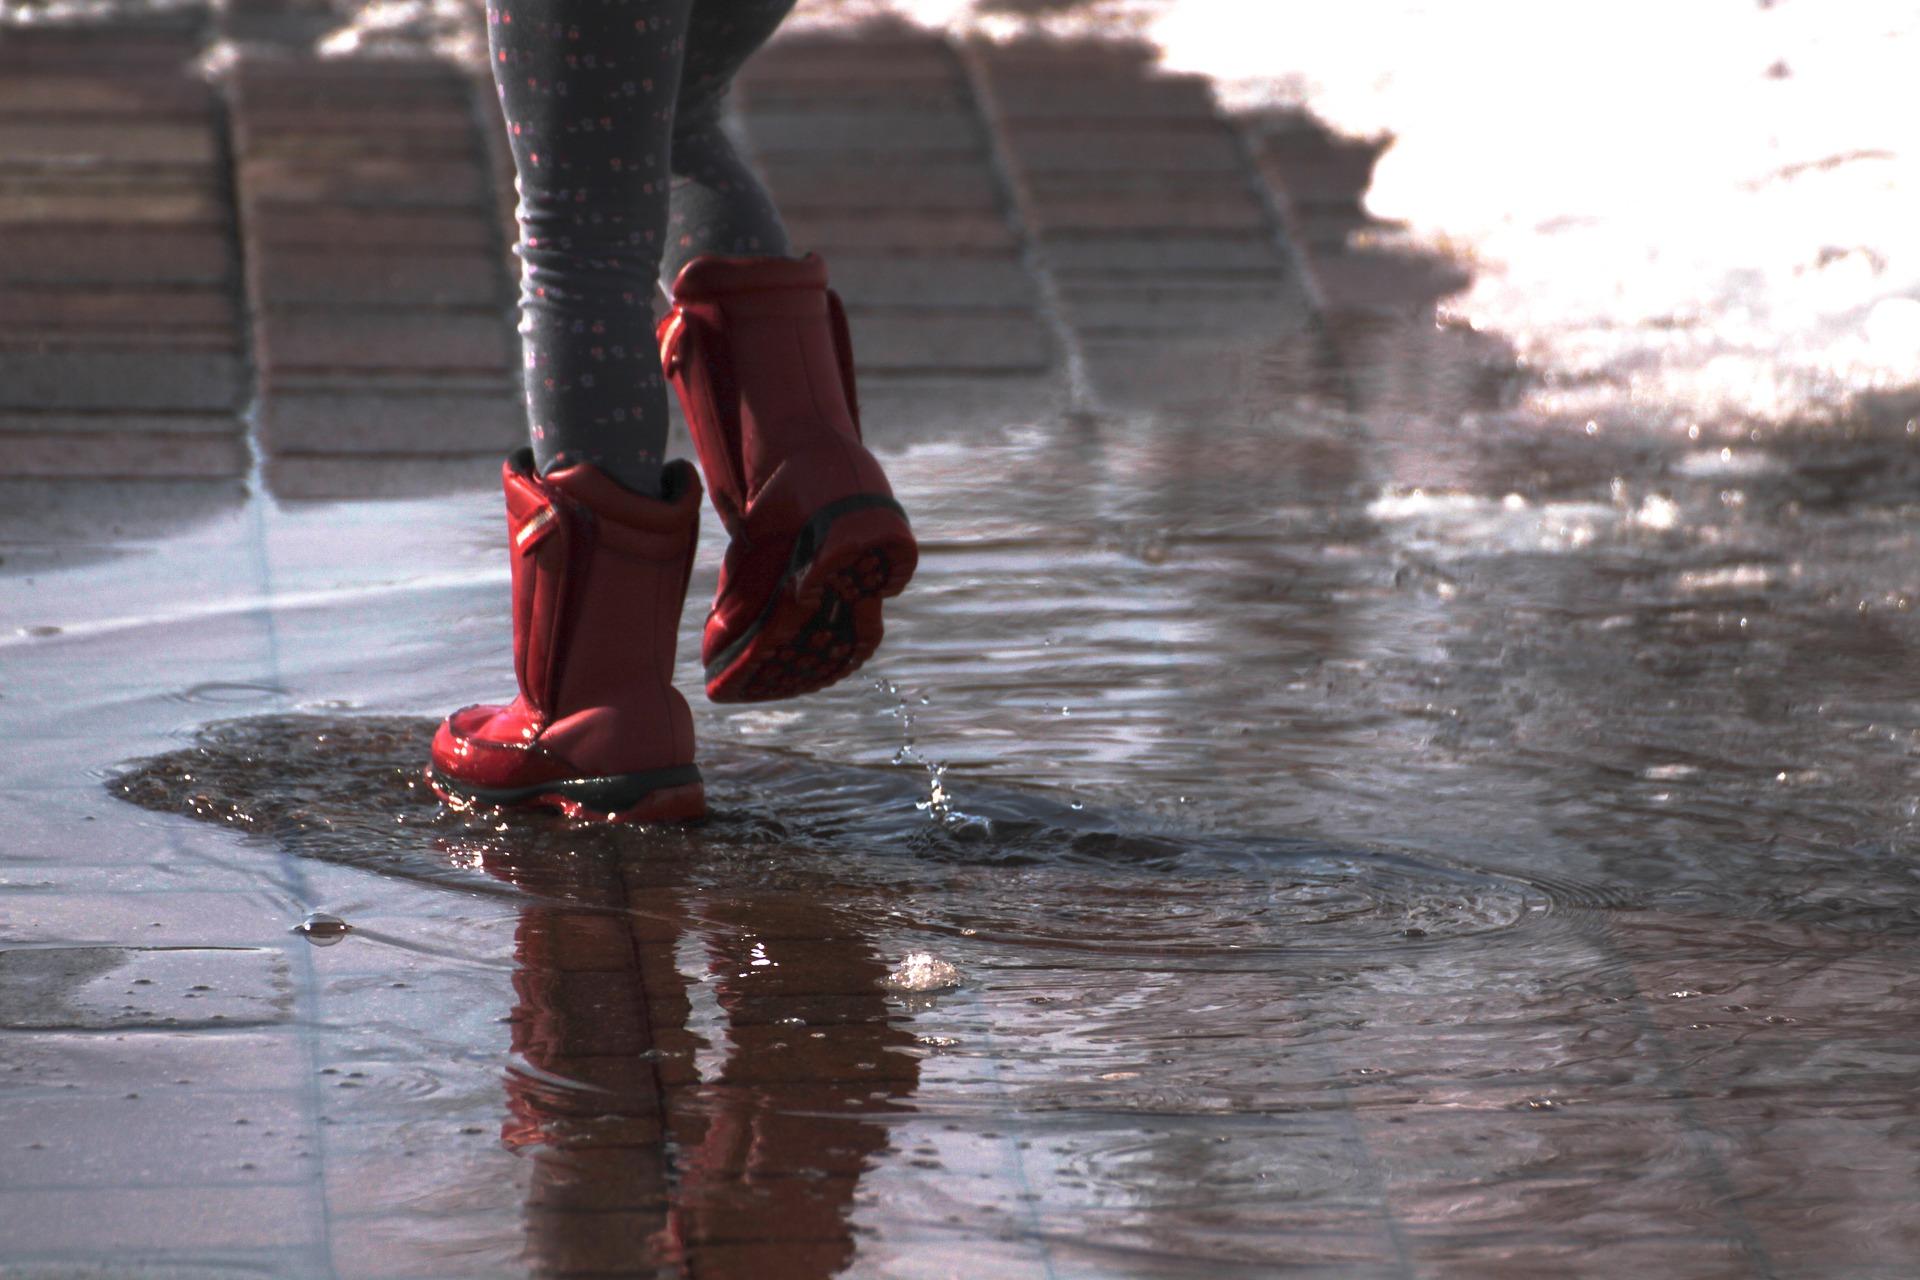 Cizme de ploaie pentru copii – cum le alegem si cum le ingrijim